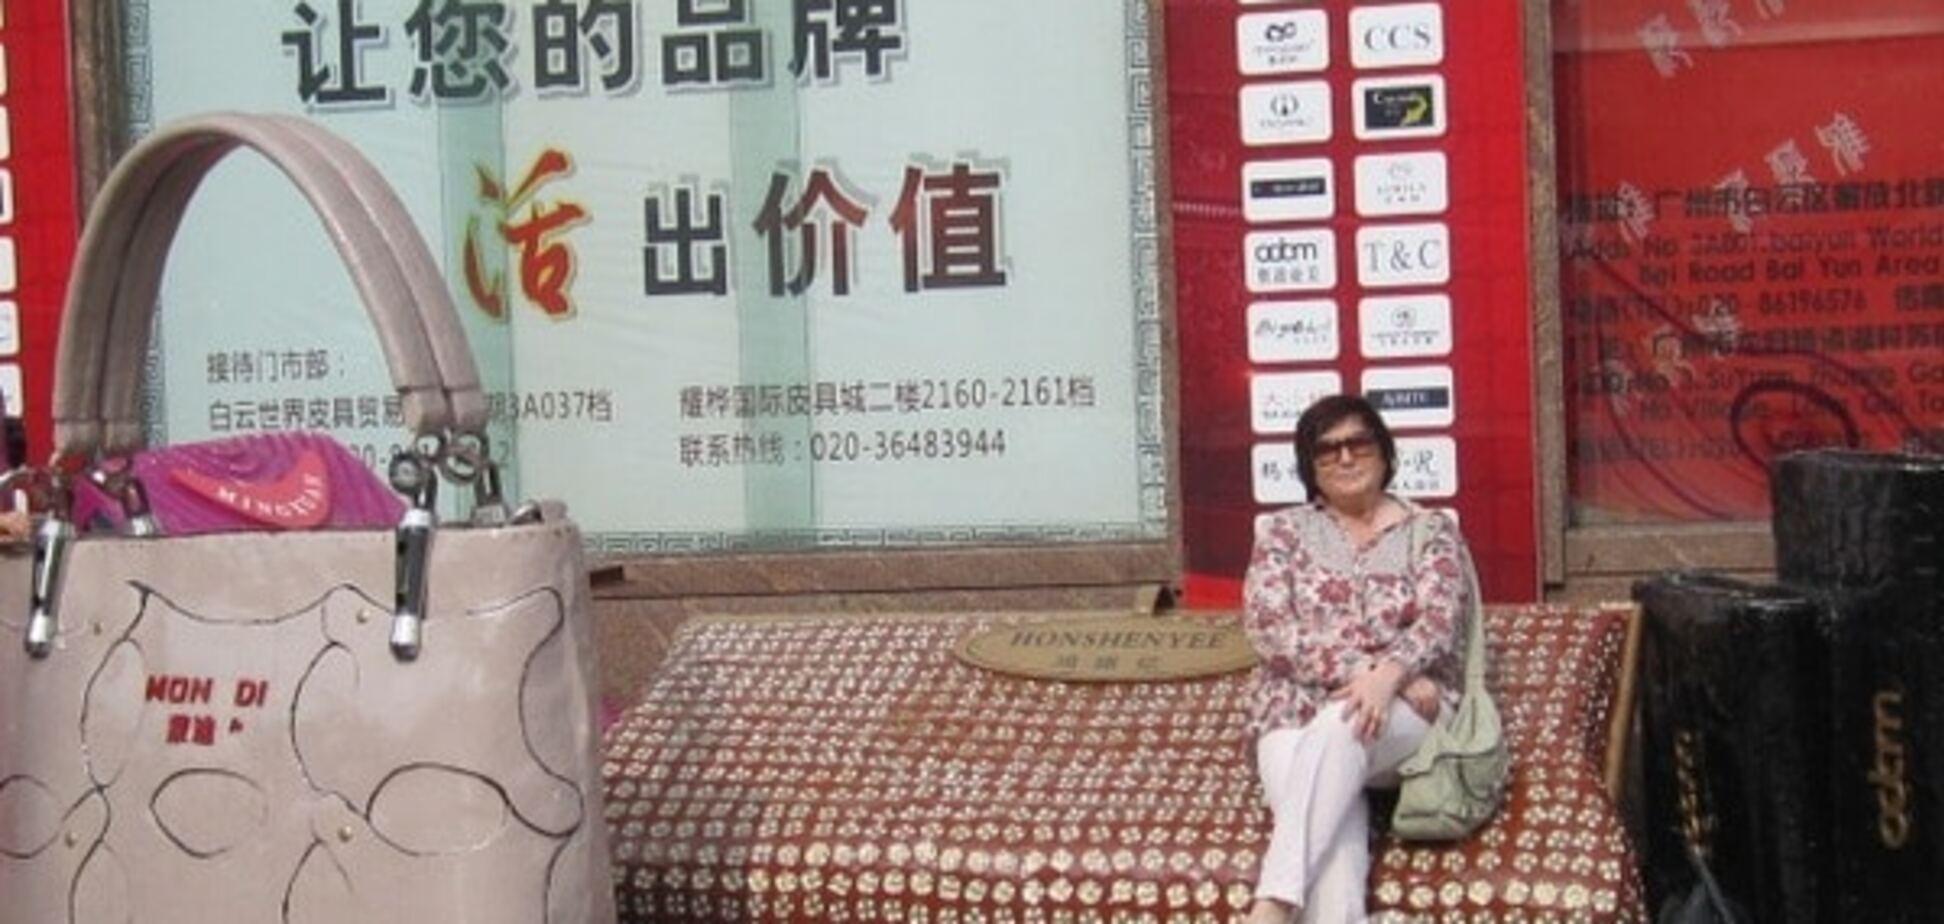 Подорож до Піднебесної: Гуанчжоу - місто квітів і контрастів